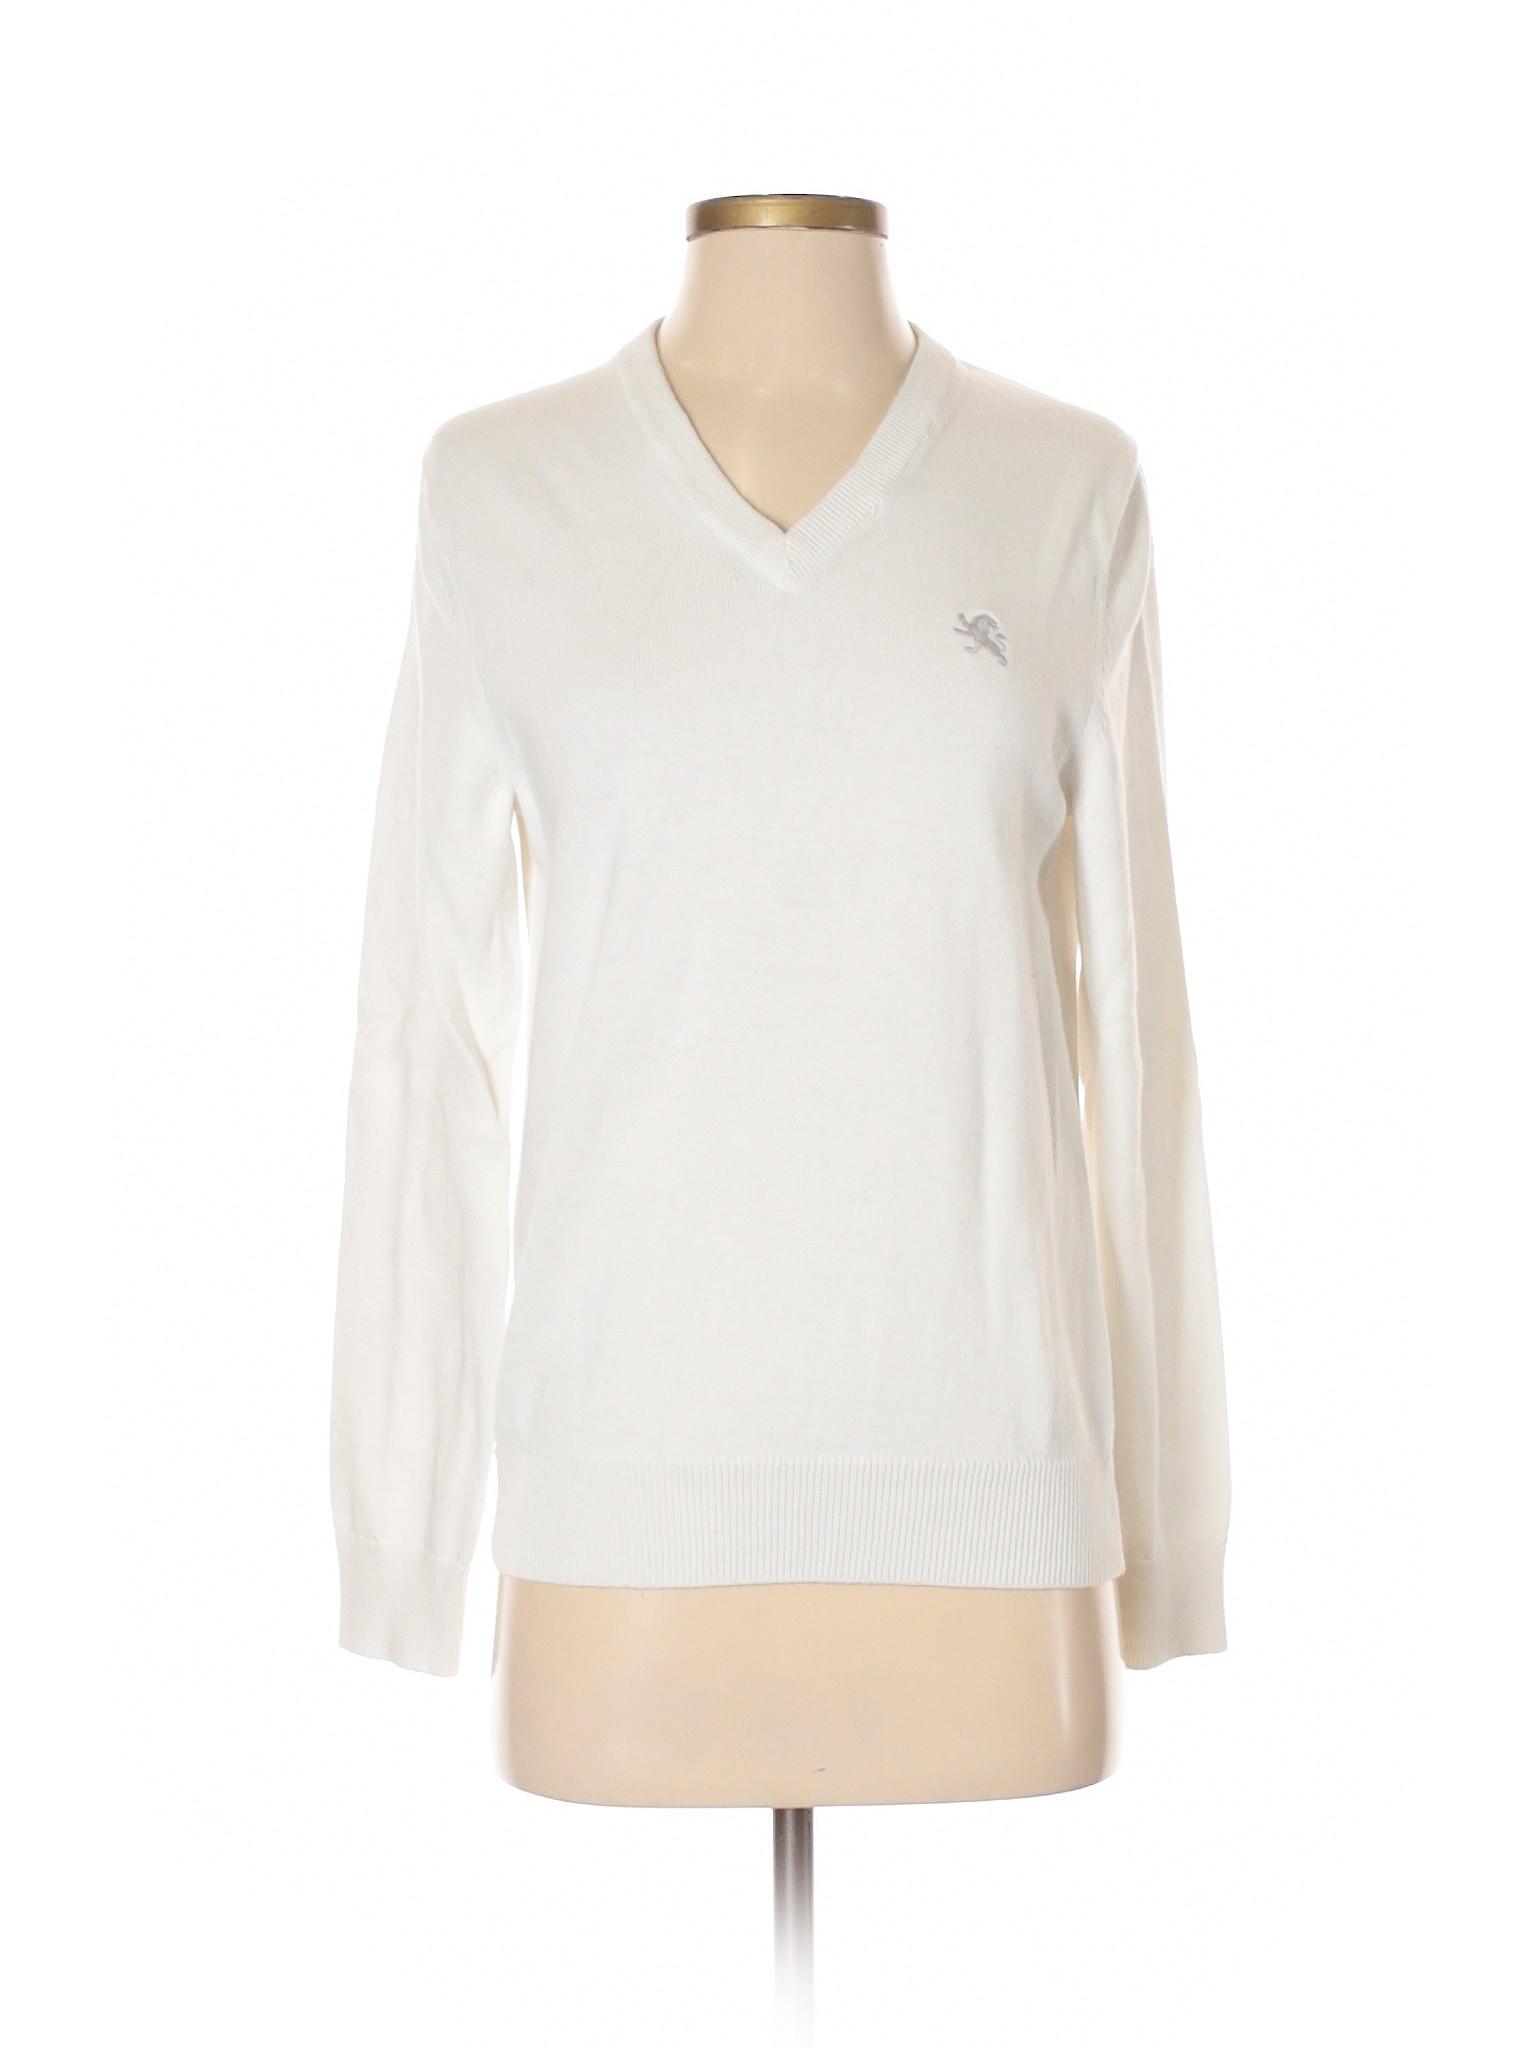 Boutique Boutique Pullover Boutique Pullover Sweater Express Express Pullover Sweater Sweater Express qn7E0UwIfx